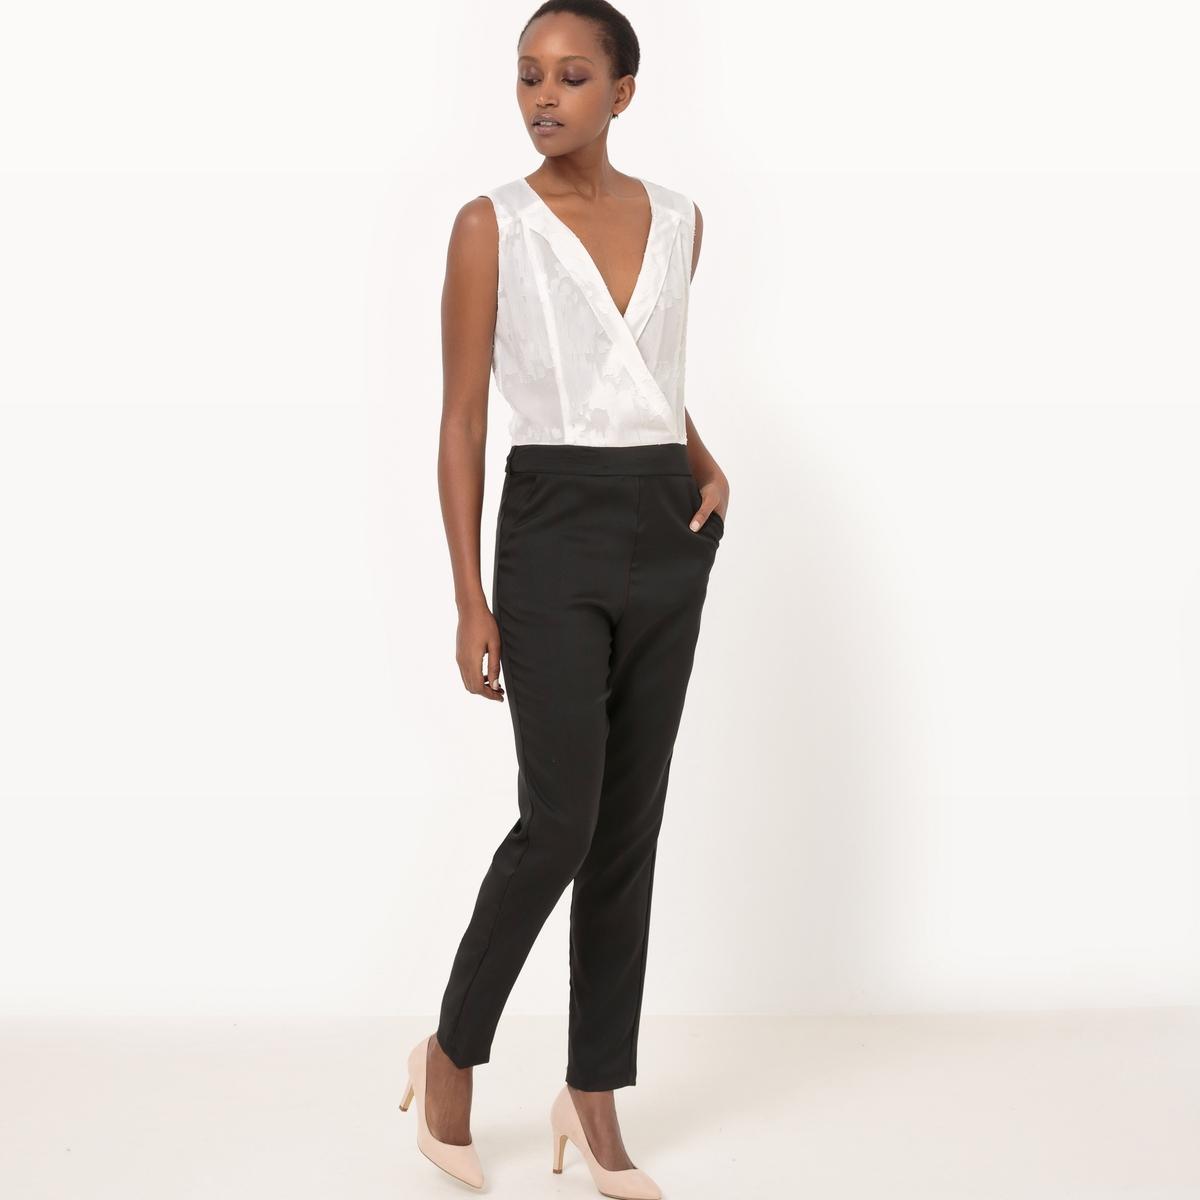 Комбинезон с брюками с кружевными вставкамиДетали  •  Прямой Состав и уход  •  100% полиэфирное волокно •  Просьба следовать советам по уходу, указанным на этикетке изделия<br><br>Цвет: белый<br>Размер: XL.S.M